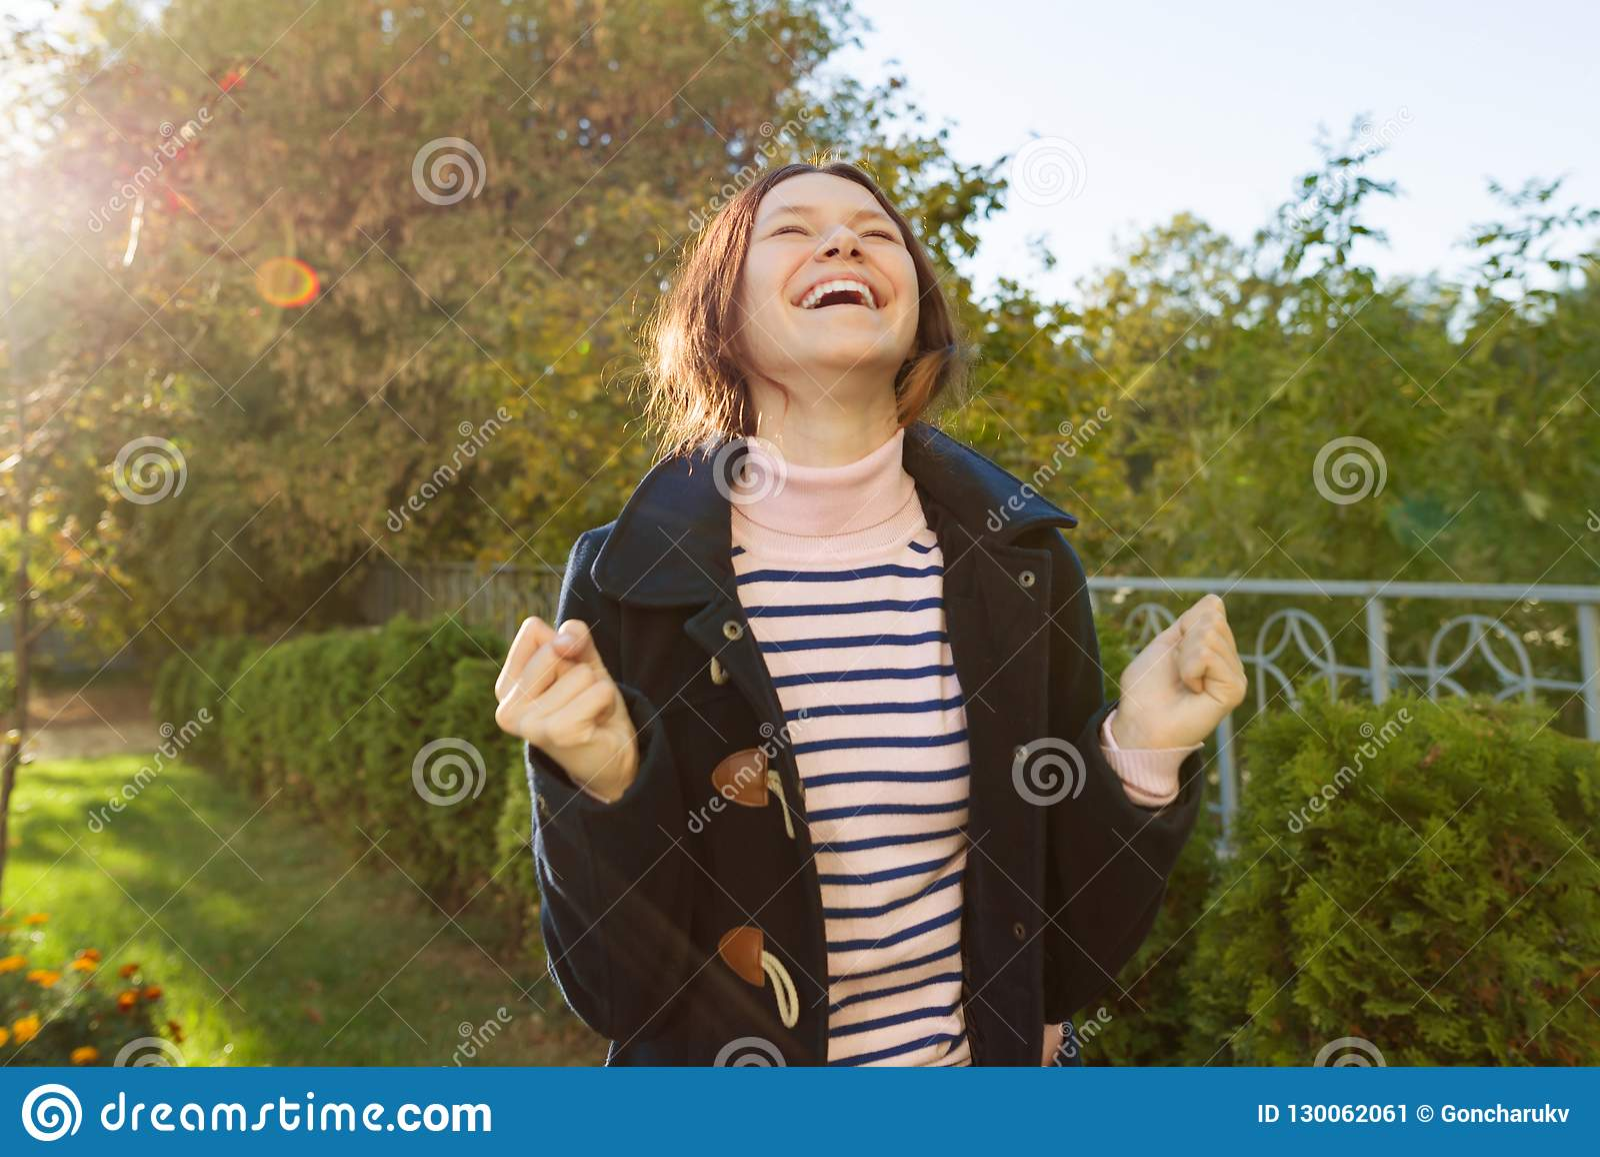 Openluchtportret van een jong tienermeisje met een emotie van geluk, succes, overwinning, gouden uur